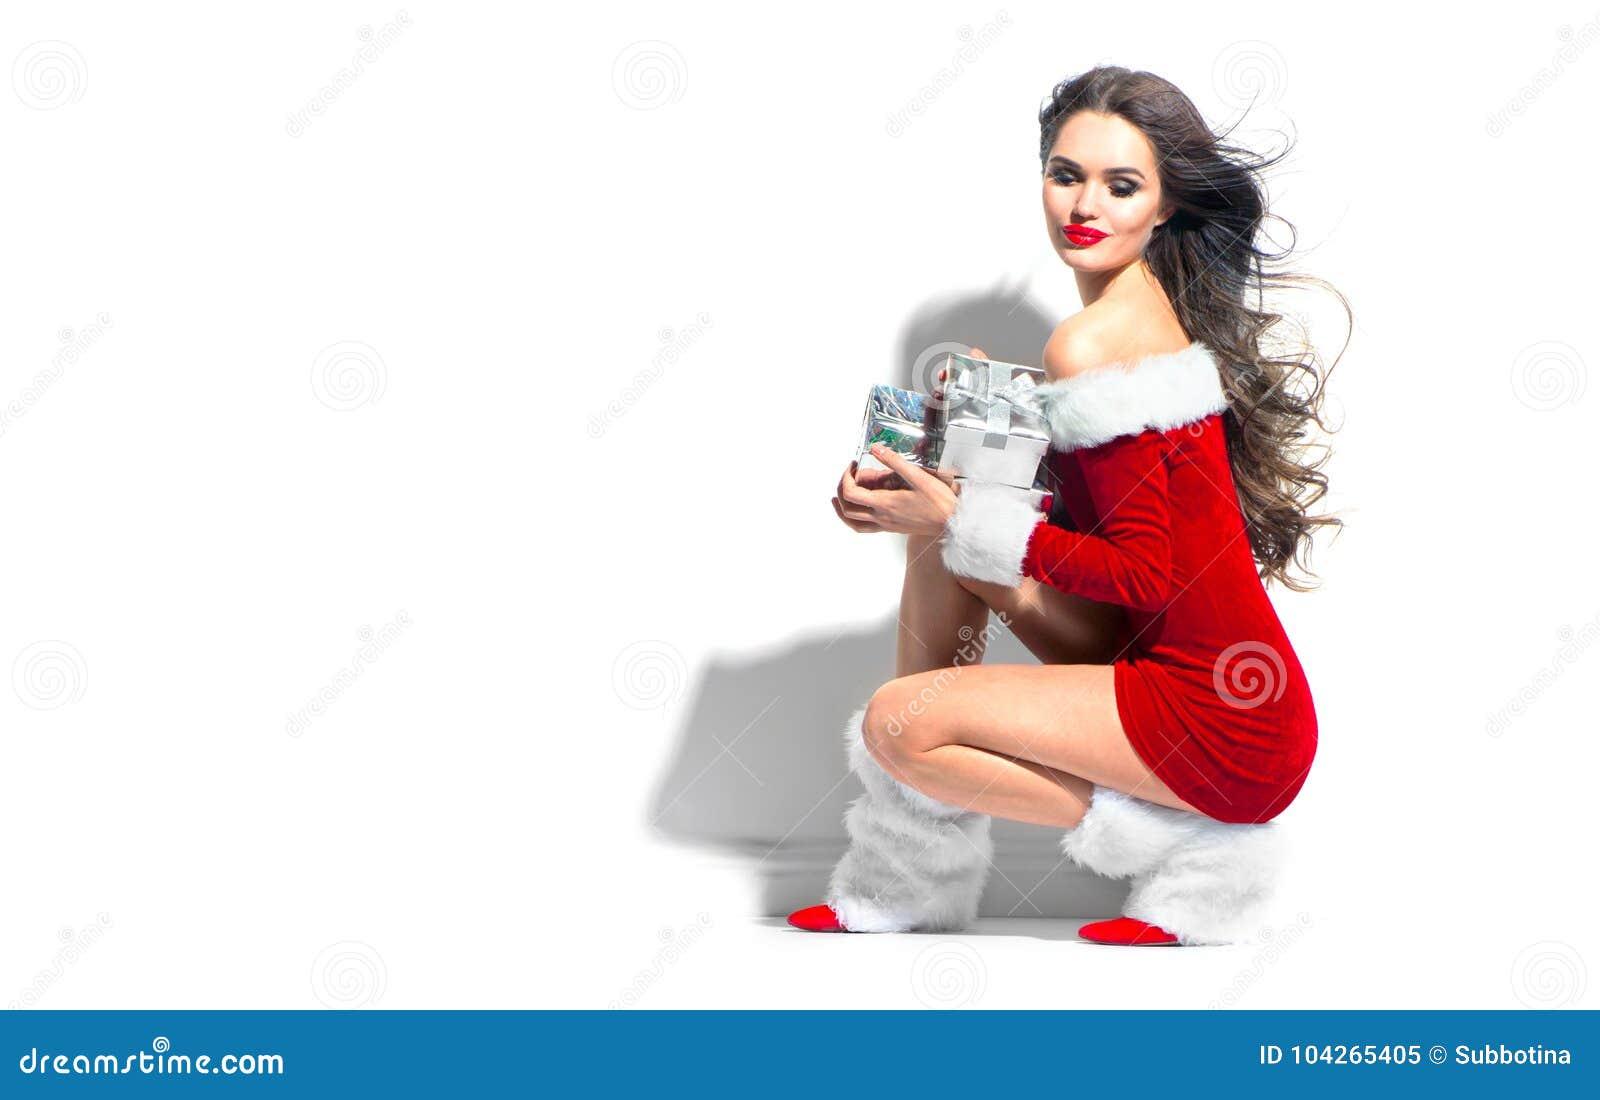 Ragazza del modello di bellezza di Natale che indossa i regali rossi della tenuta del vestito da Santa Giovane donna castana sexy